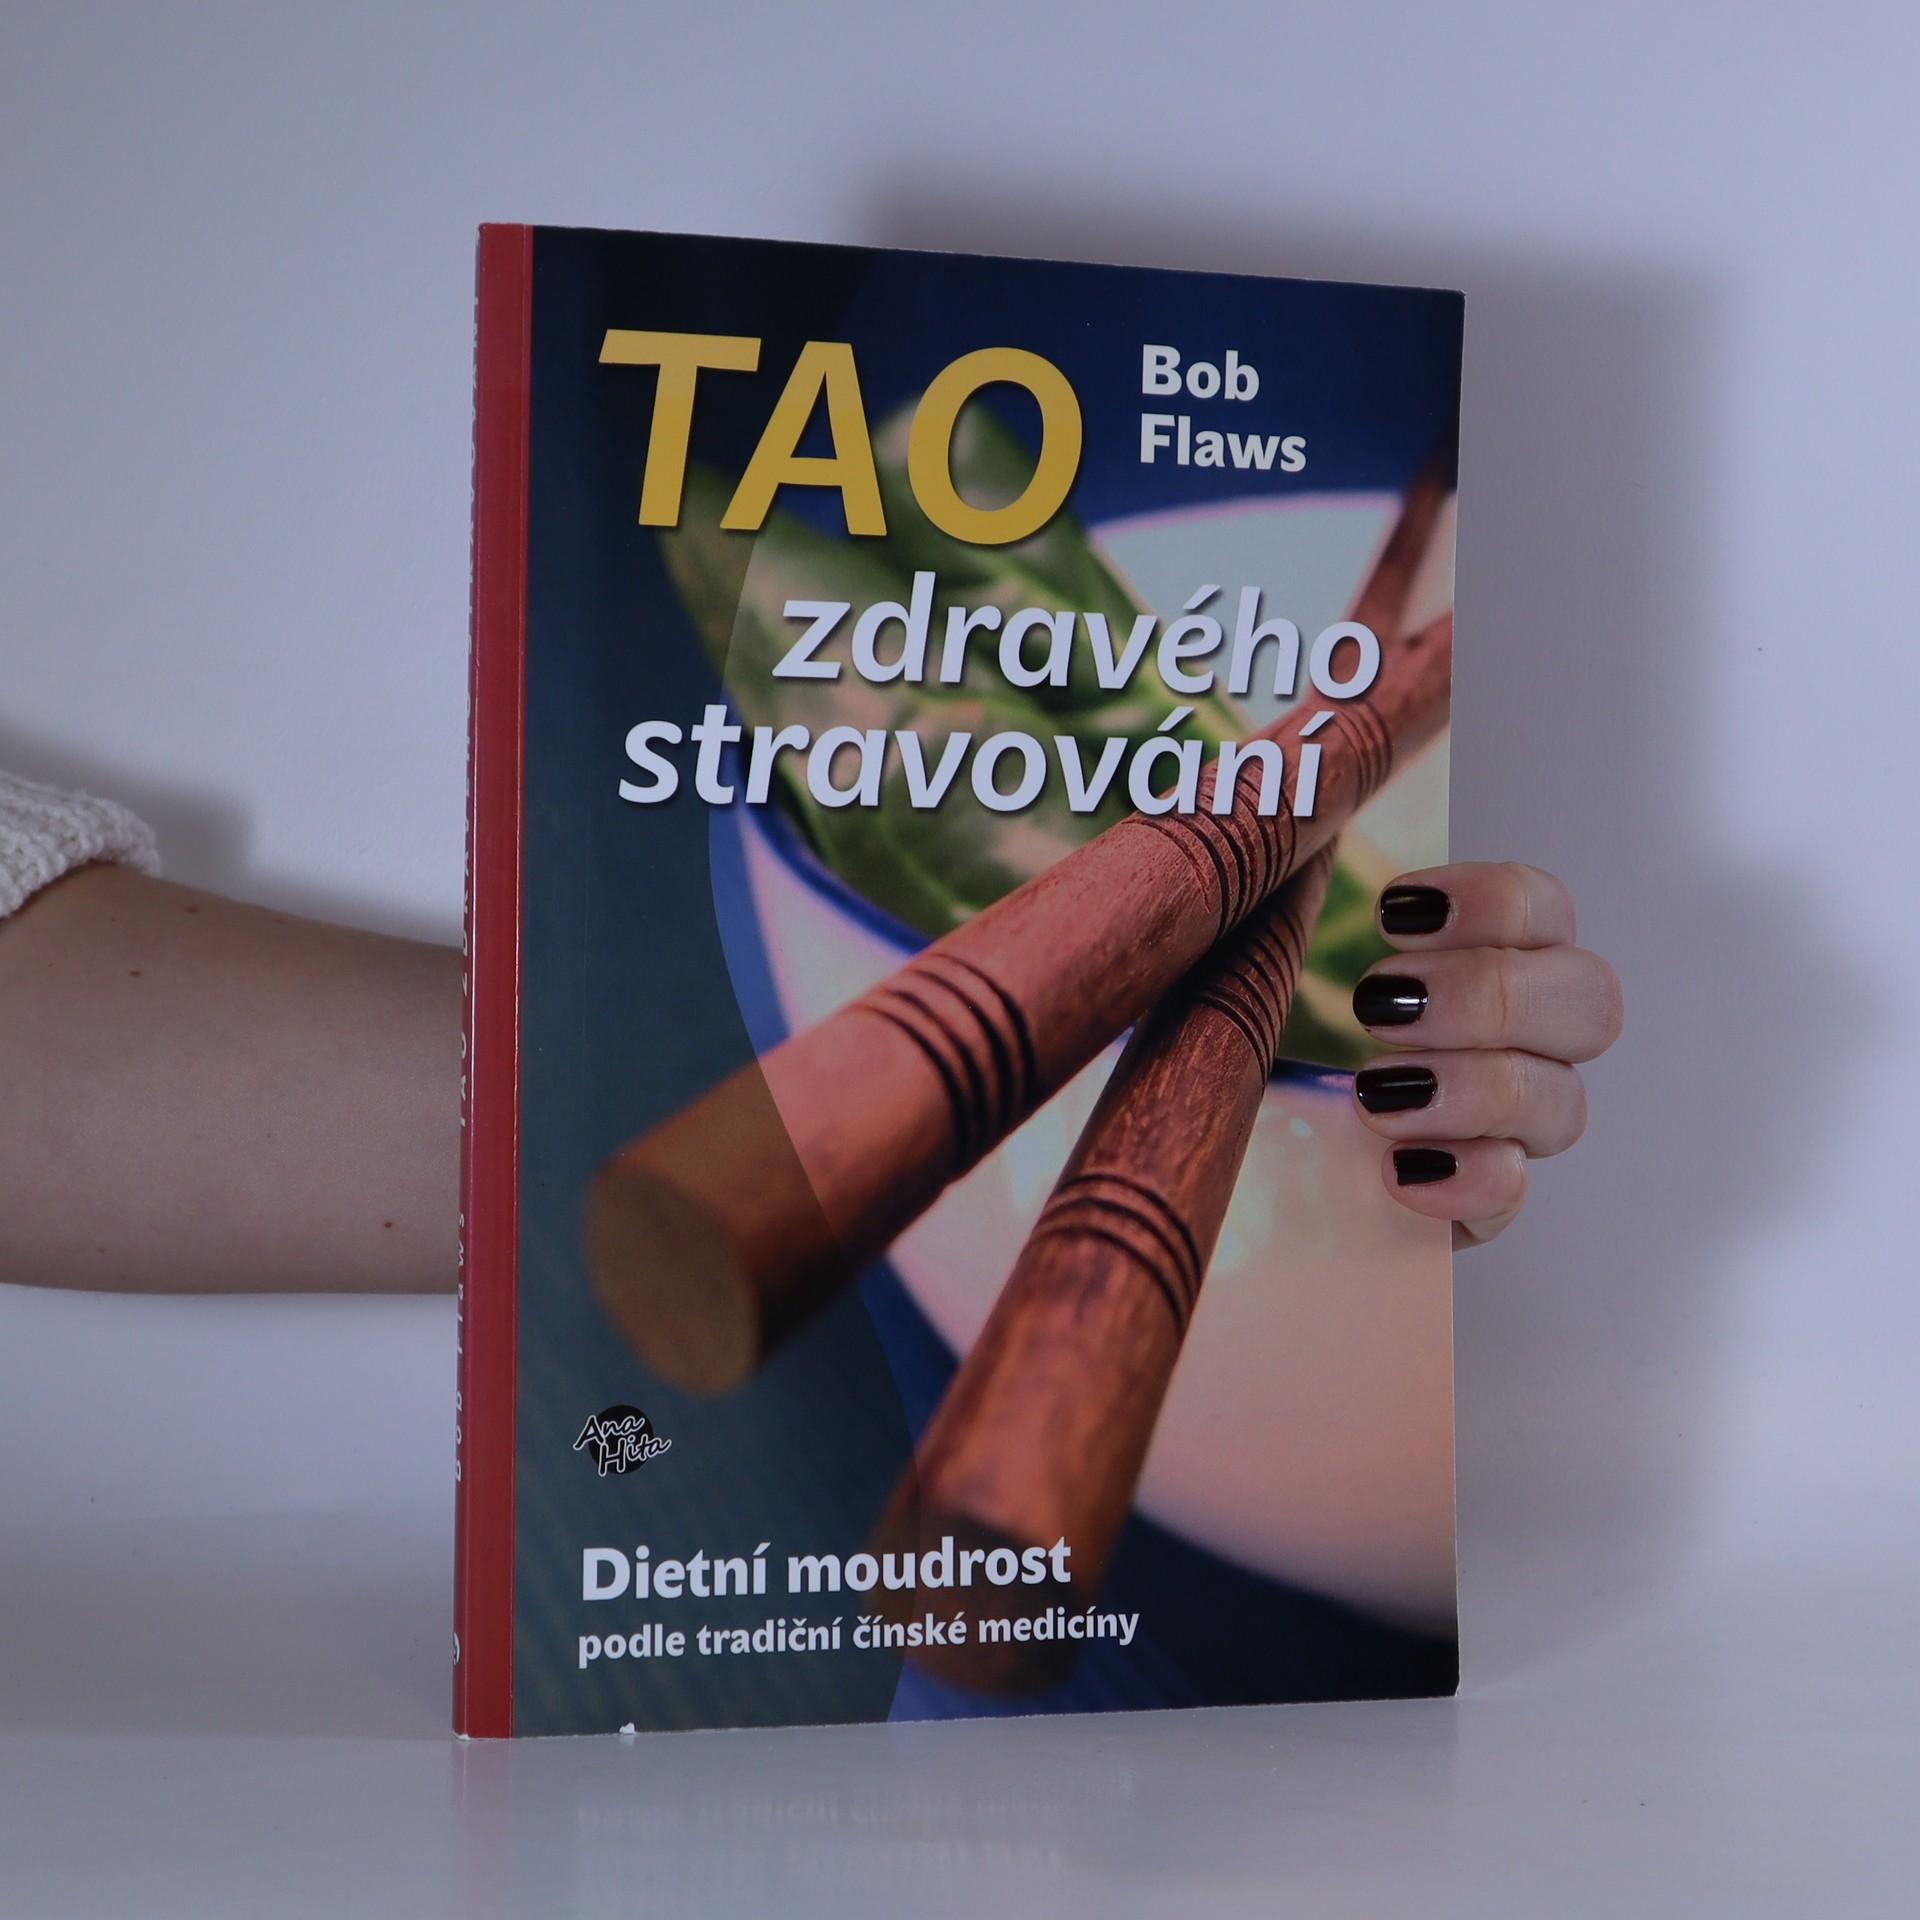 antikvární kniha Tao zdravého stravování. Dietní moudrost podle tradiční čínské medicíny, neuveden